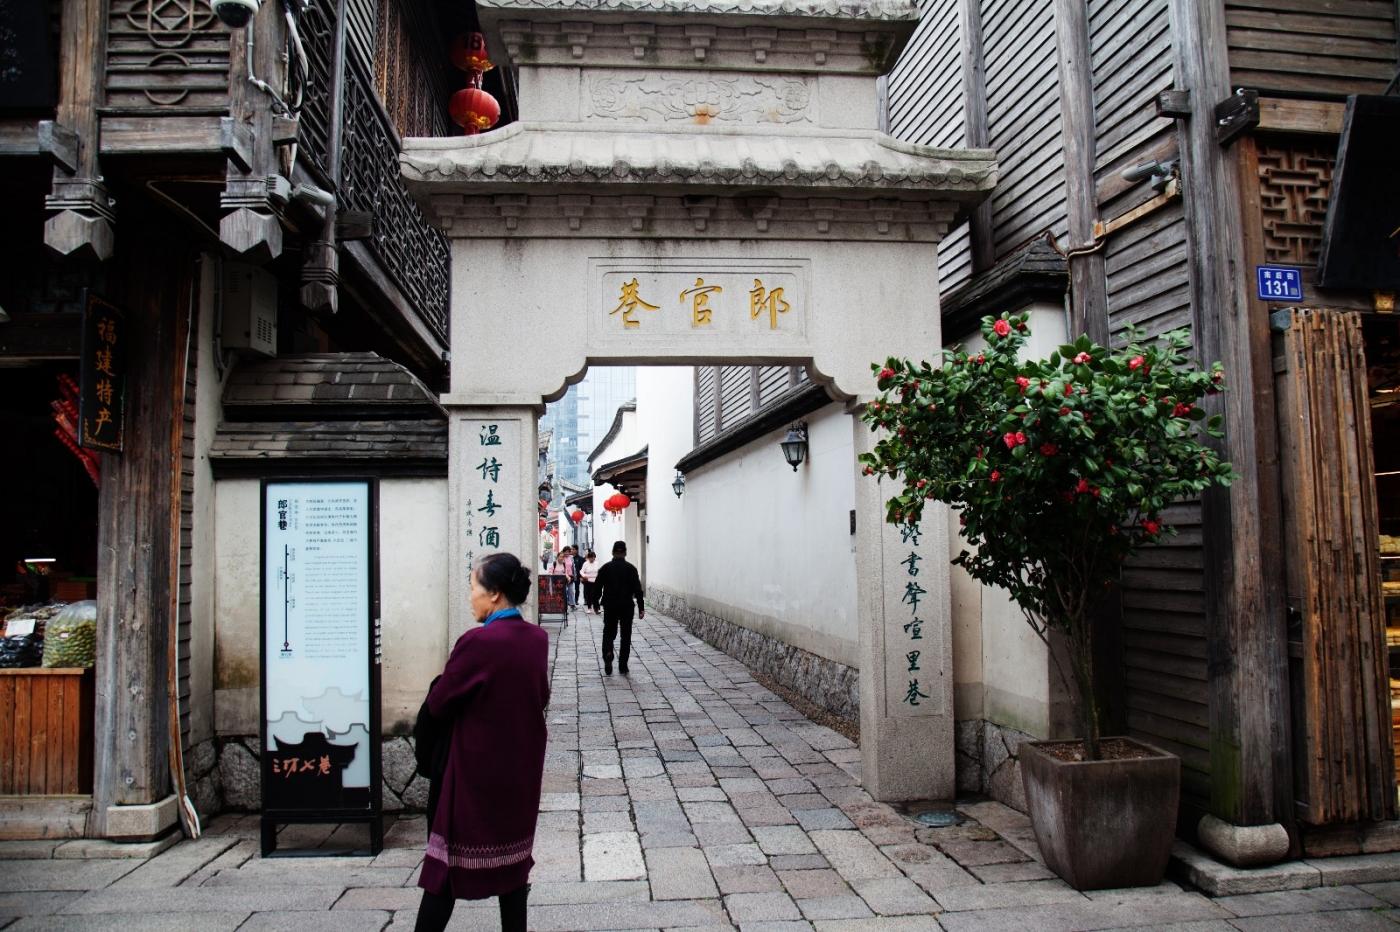 三坊七巷是福州市的旅游胜地_图1-2